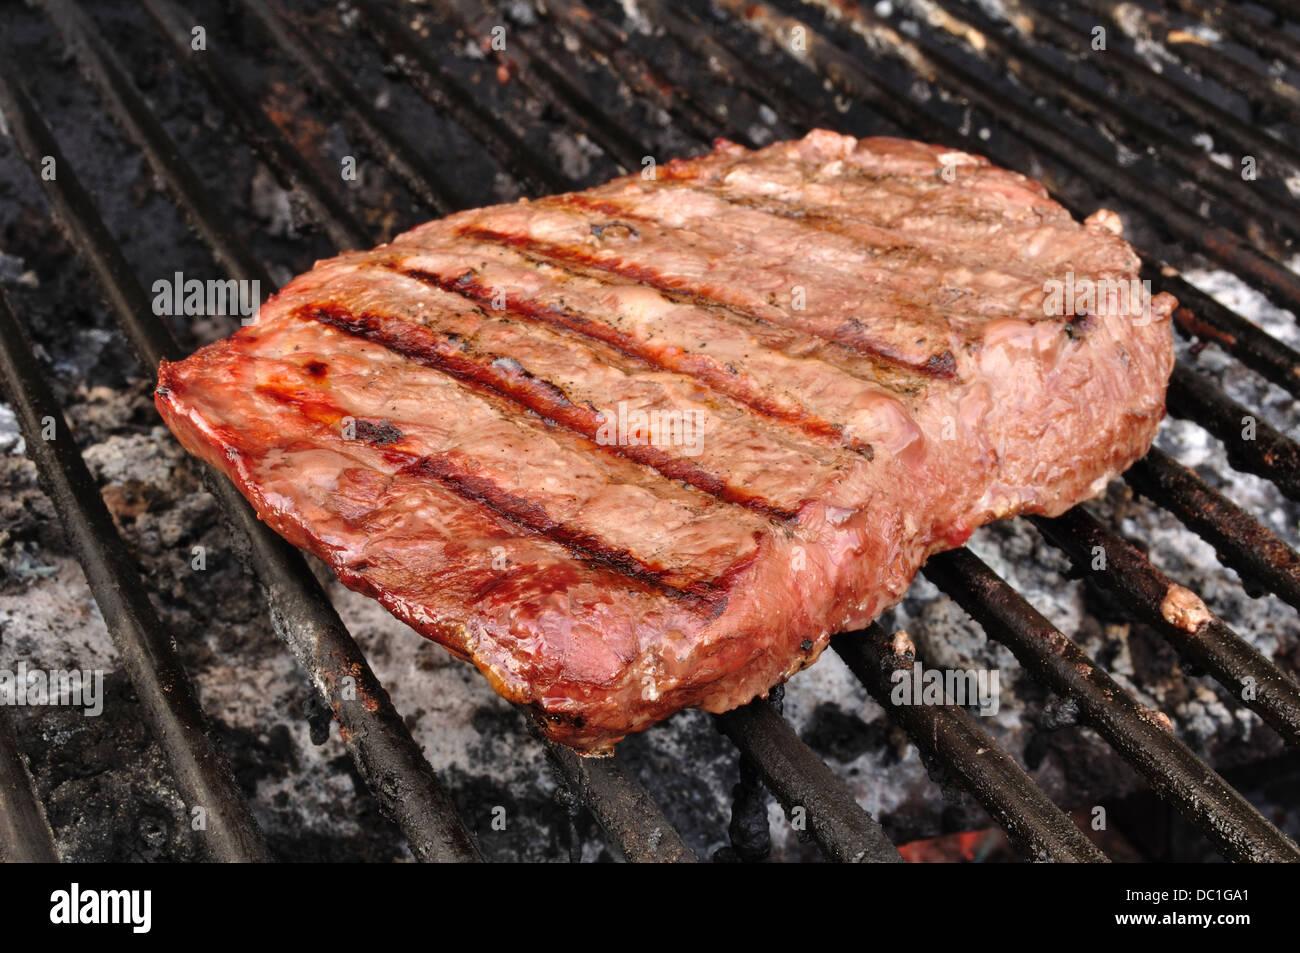 Steak auf einem Grill Stockbild